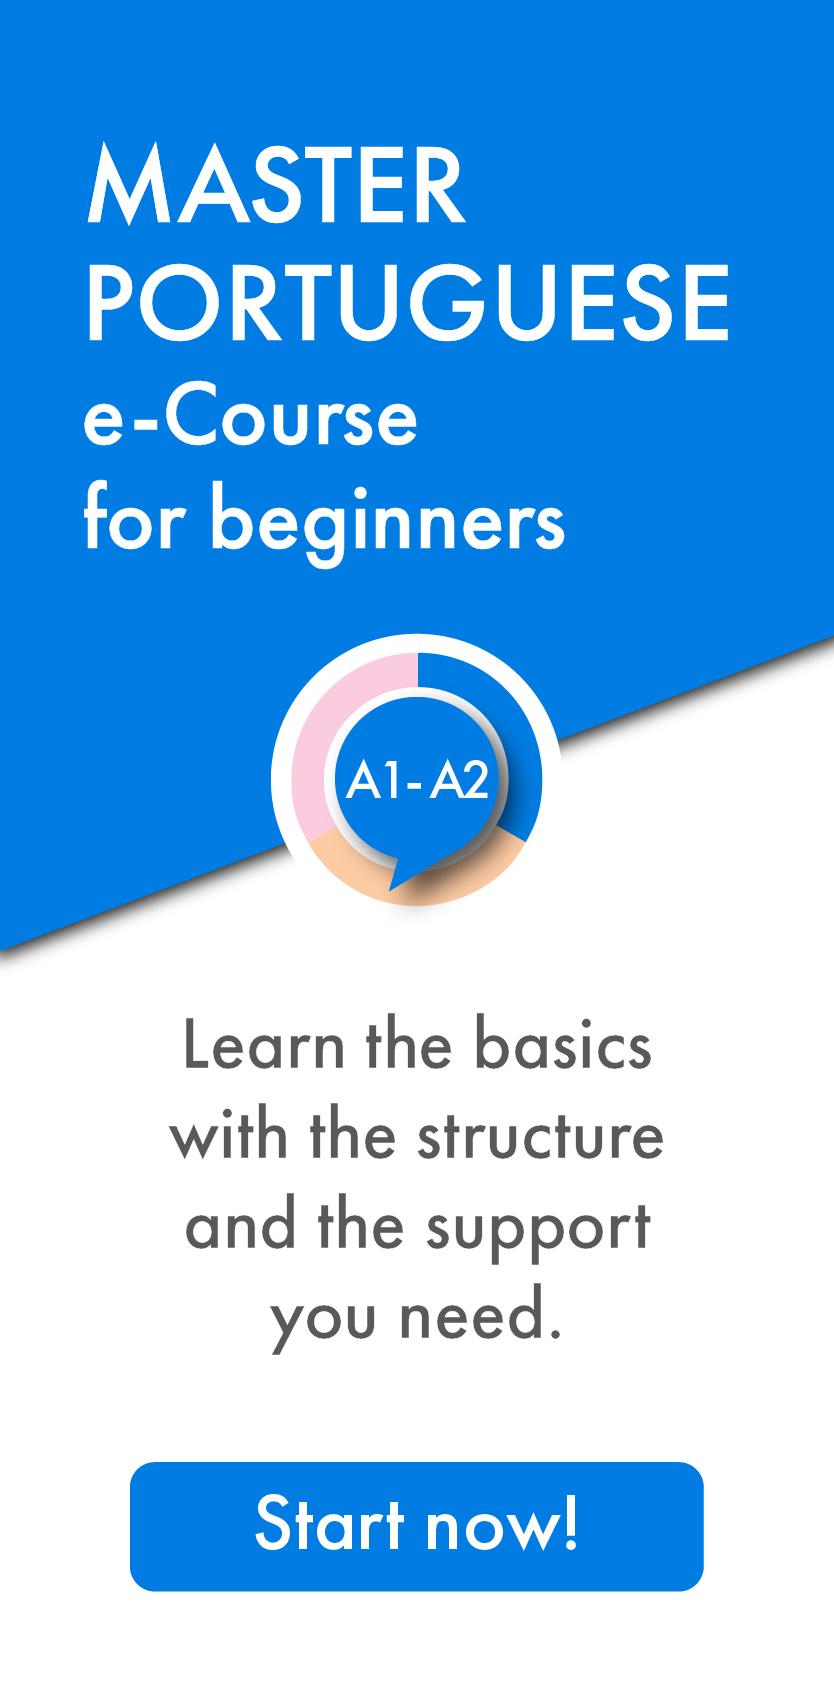 Master Portuguese Course.jpg